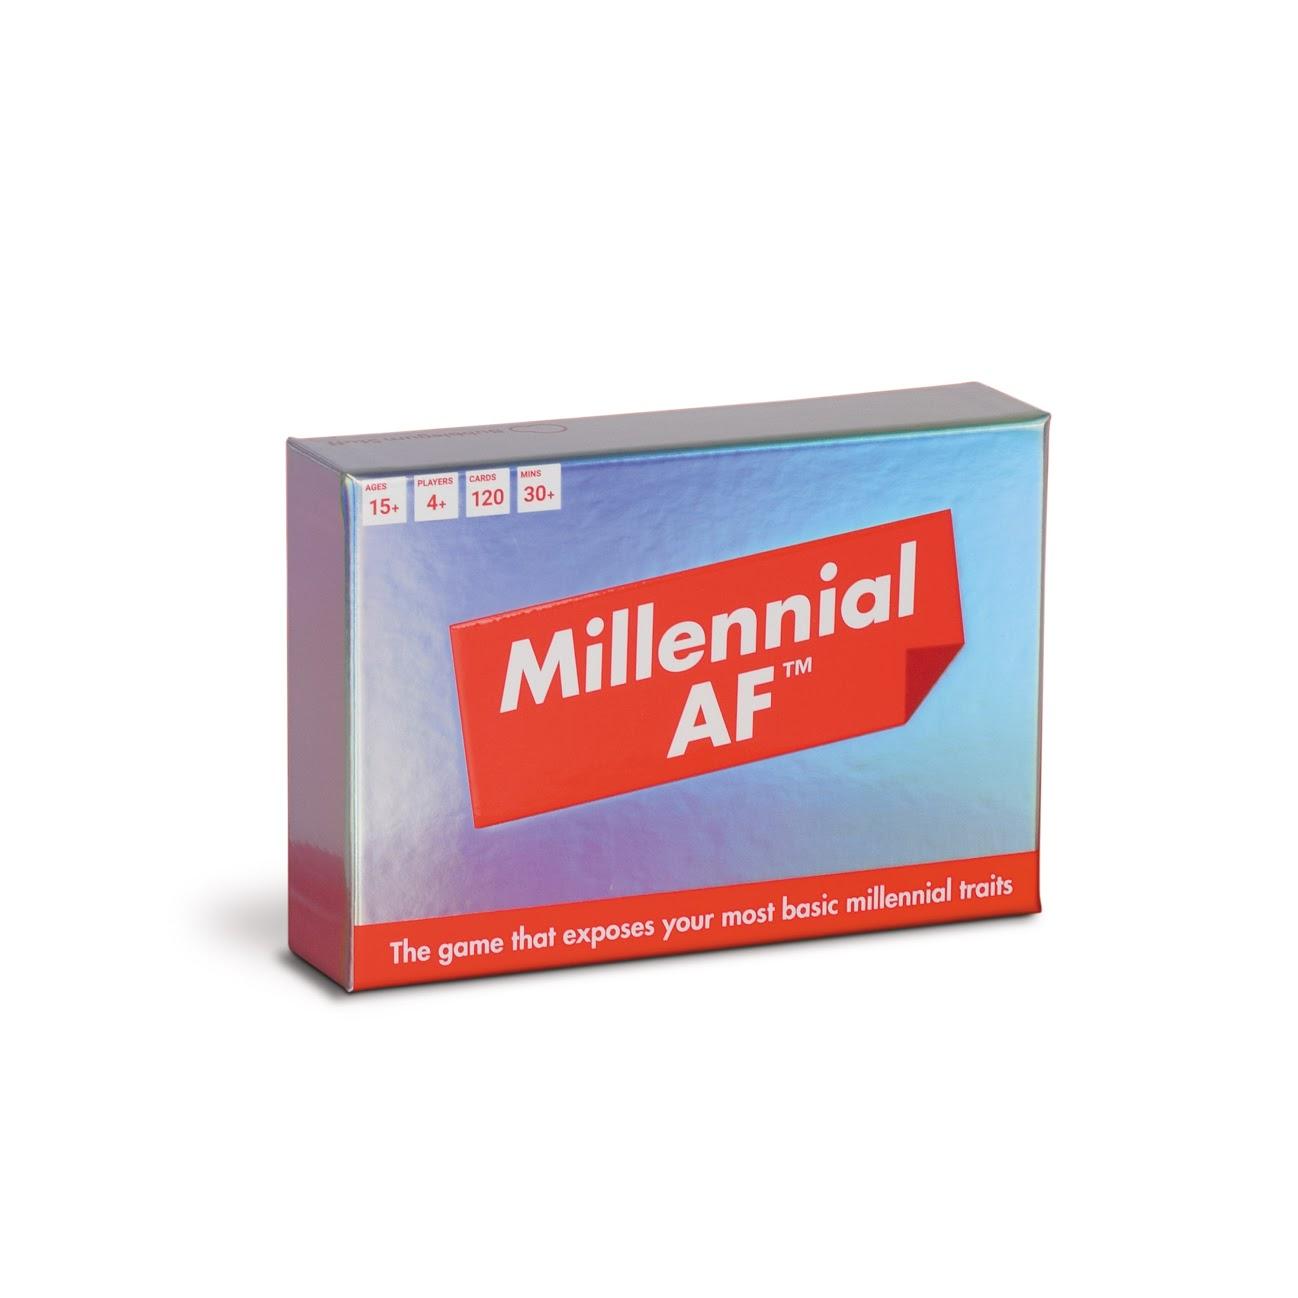 Millennial AF Game